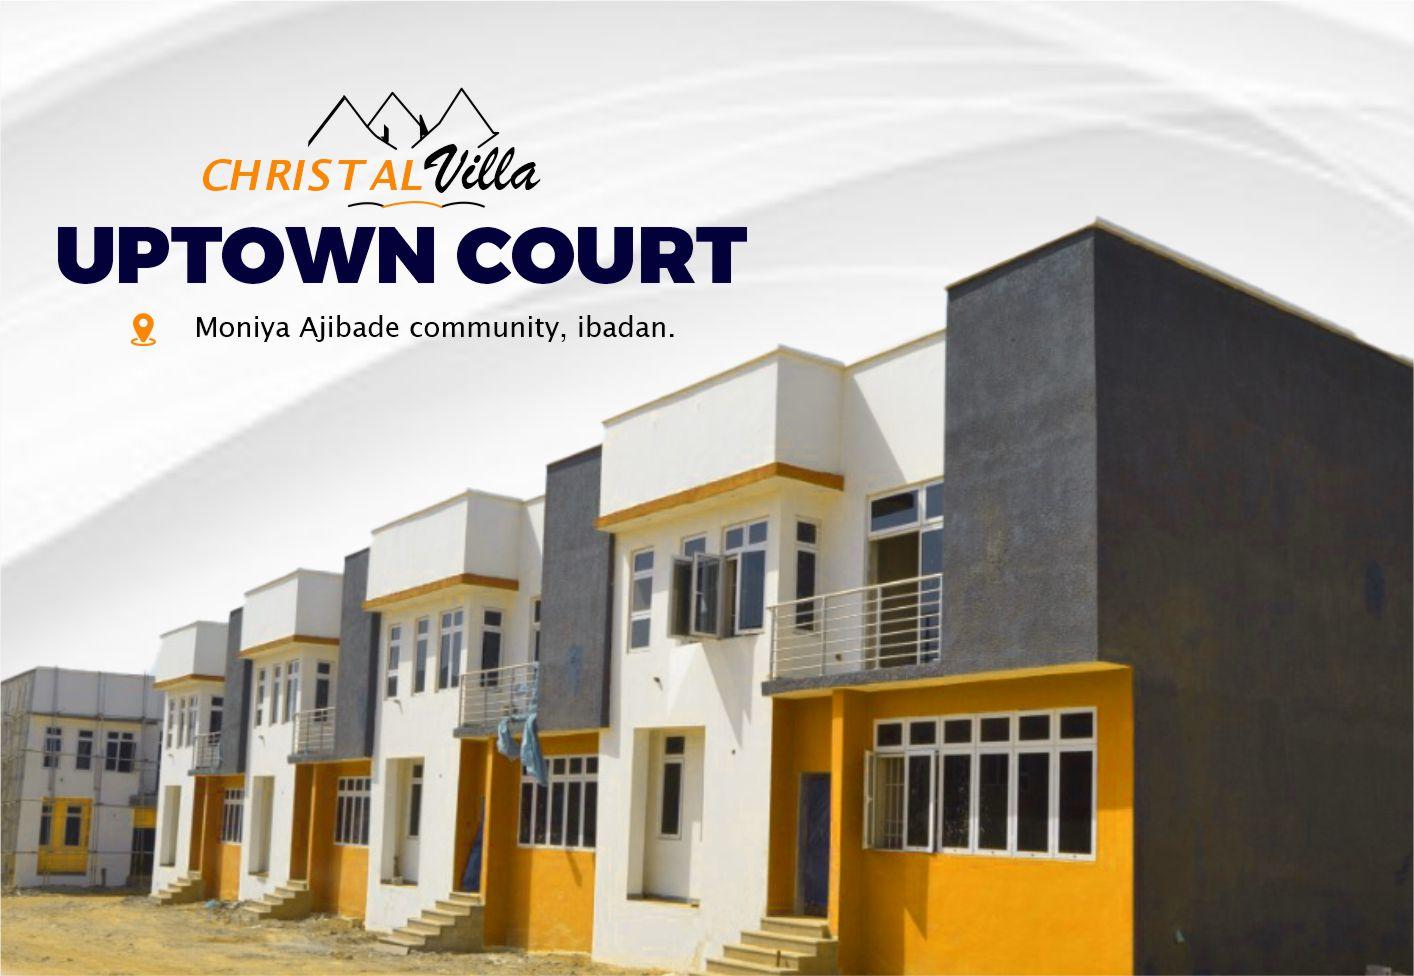 Christal Villa — Uptown Court 2 Bedroom Terrace